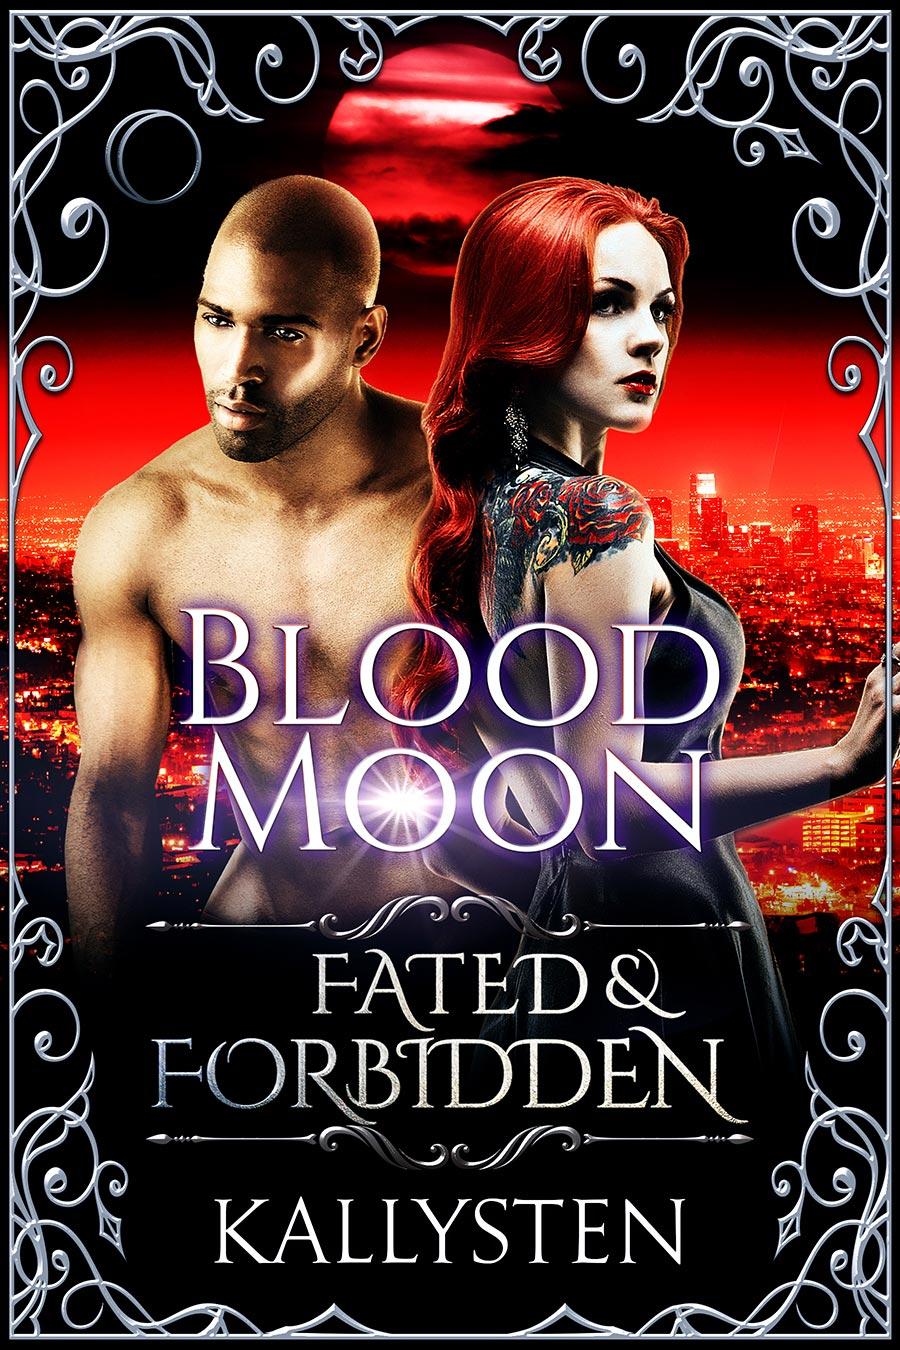 Fated-and-Forbidden---Kallysten---Blood-Moon.jpg